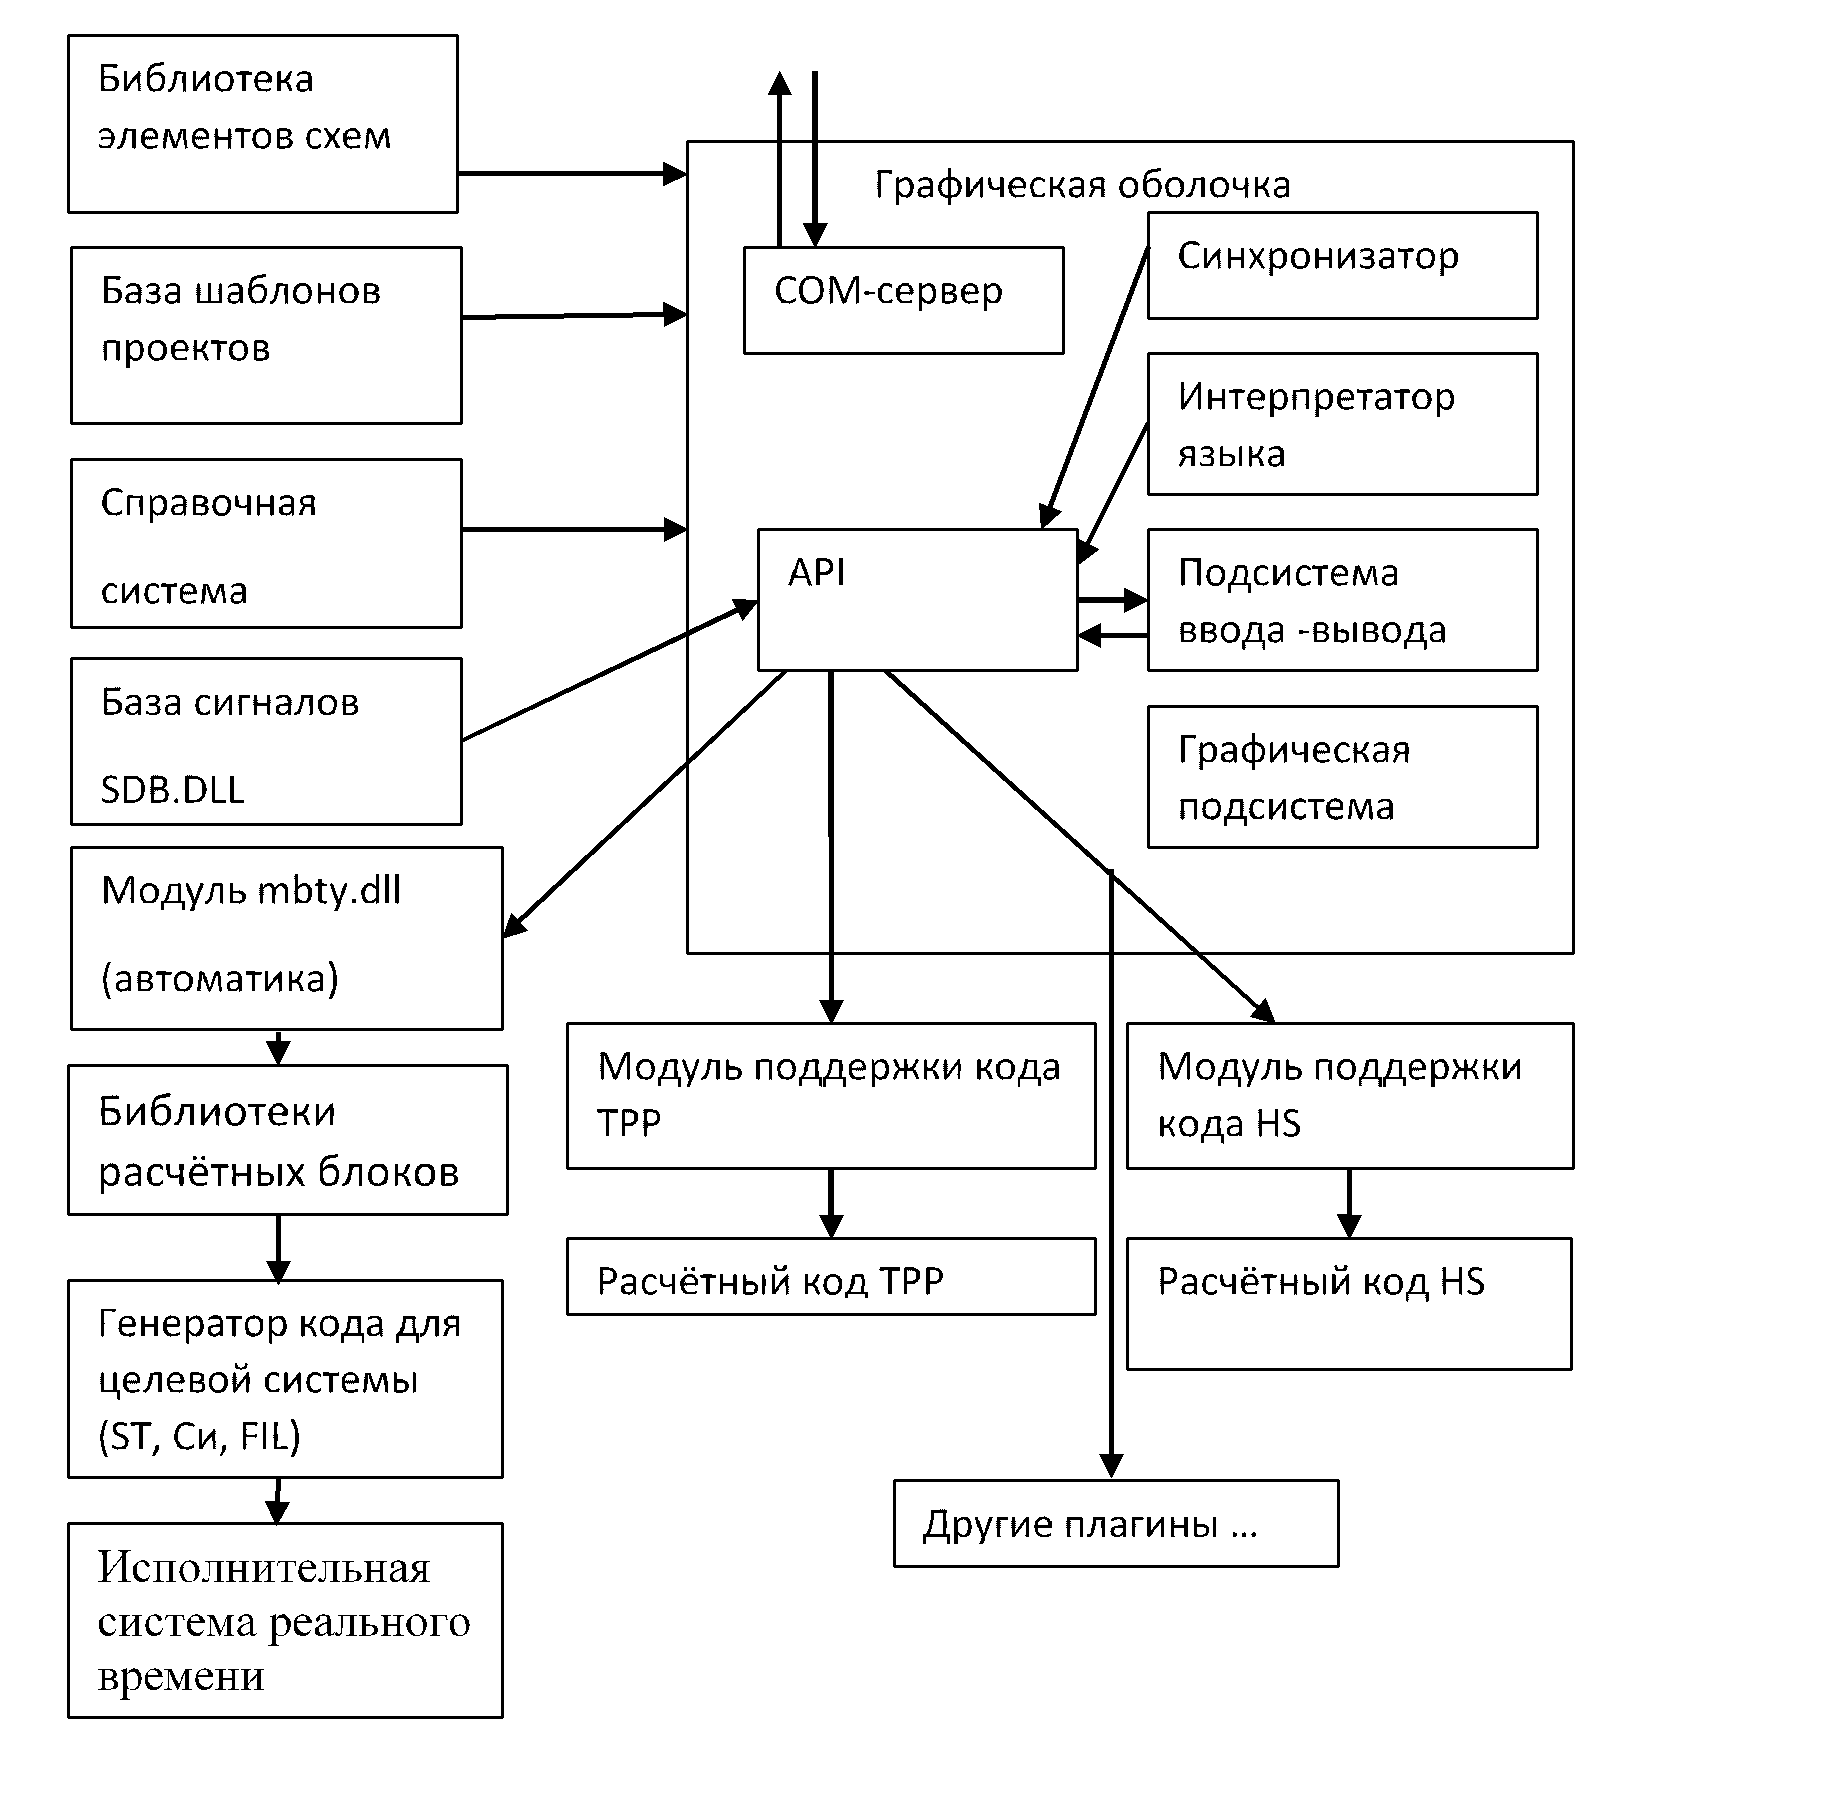 Особенности портирования сложного модульного ПО написанного на Delphi под ОС Linux - 1